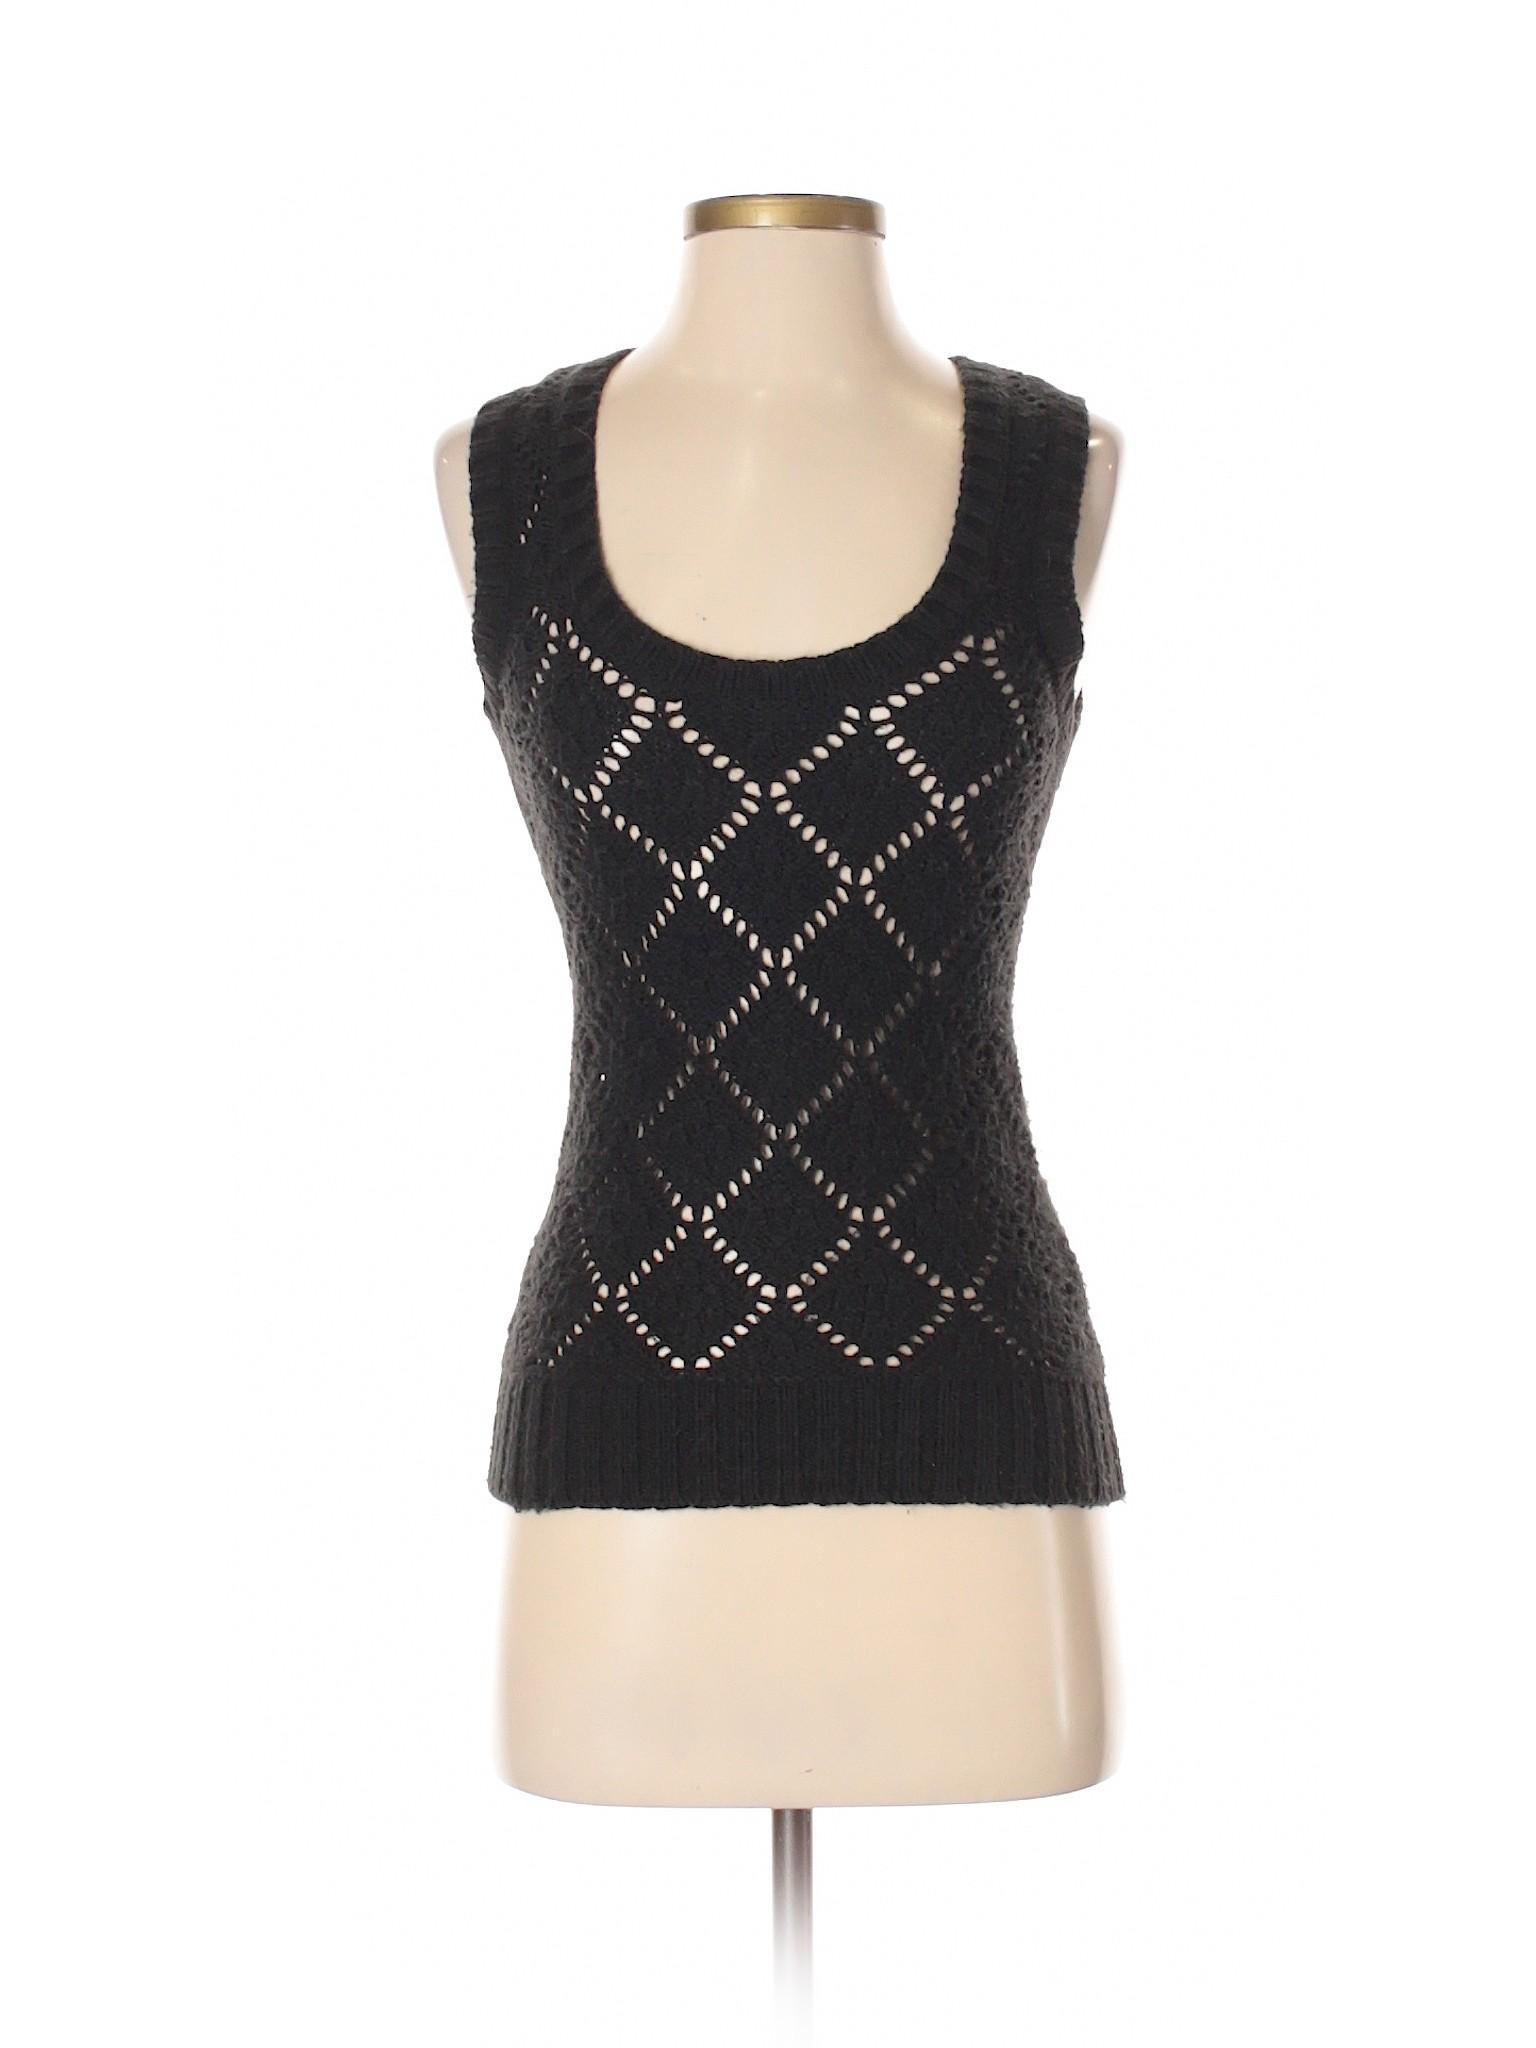 Express Studio Pullover winter Boutique Design Sweater CqnxOzAwR5